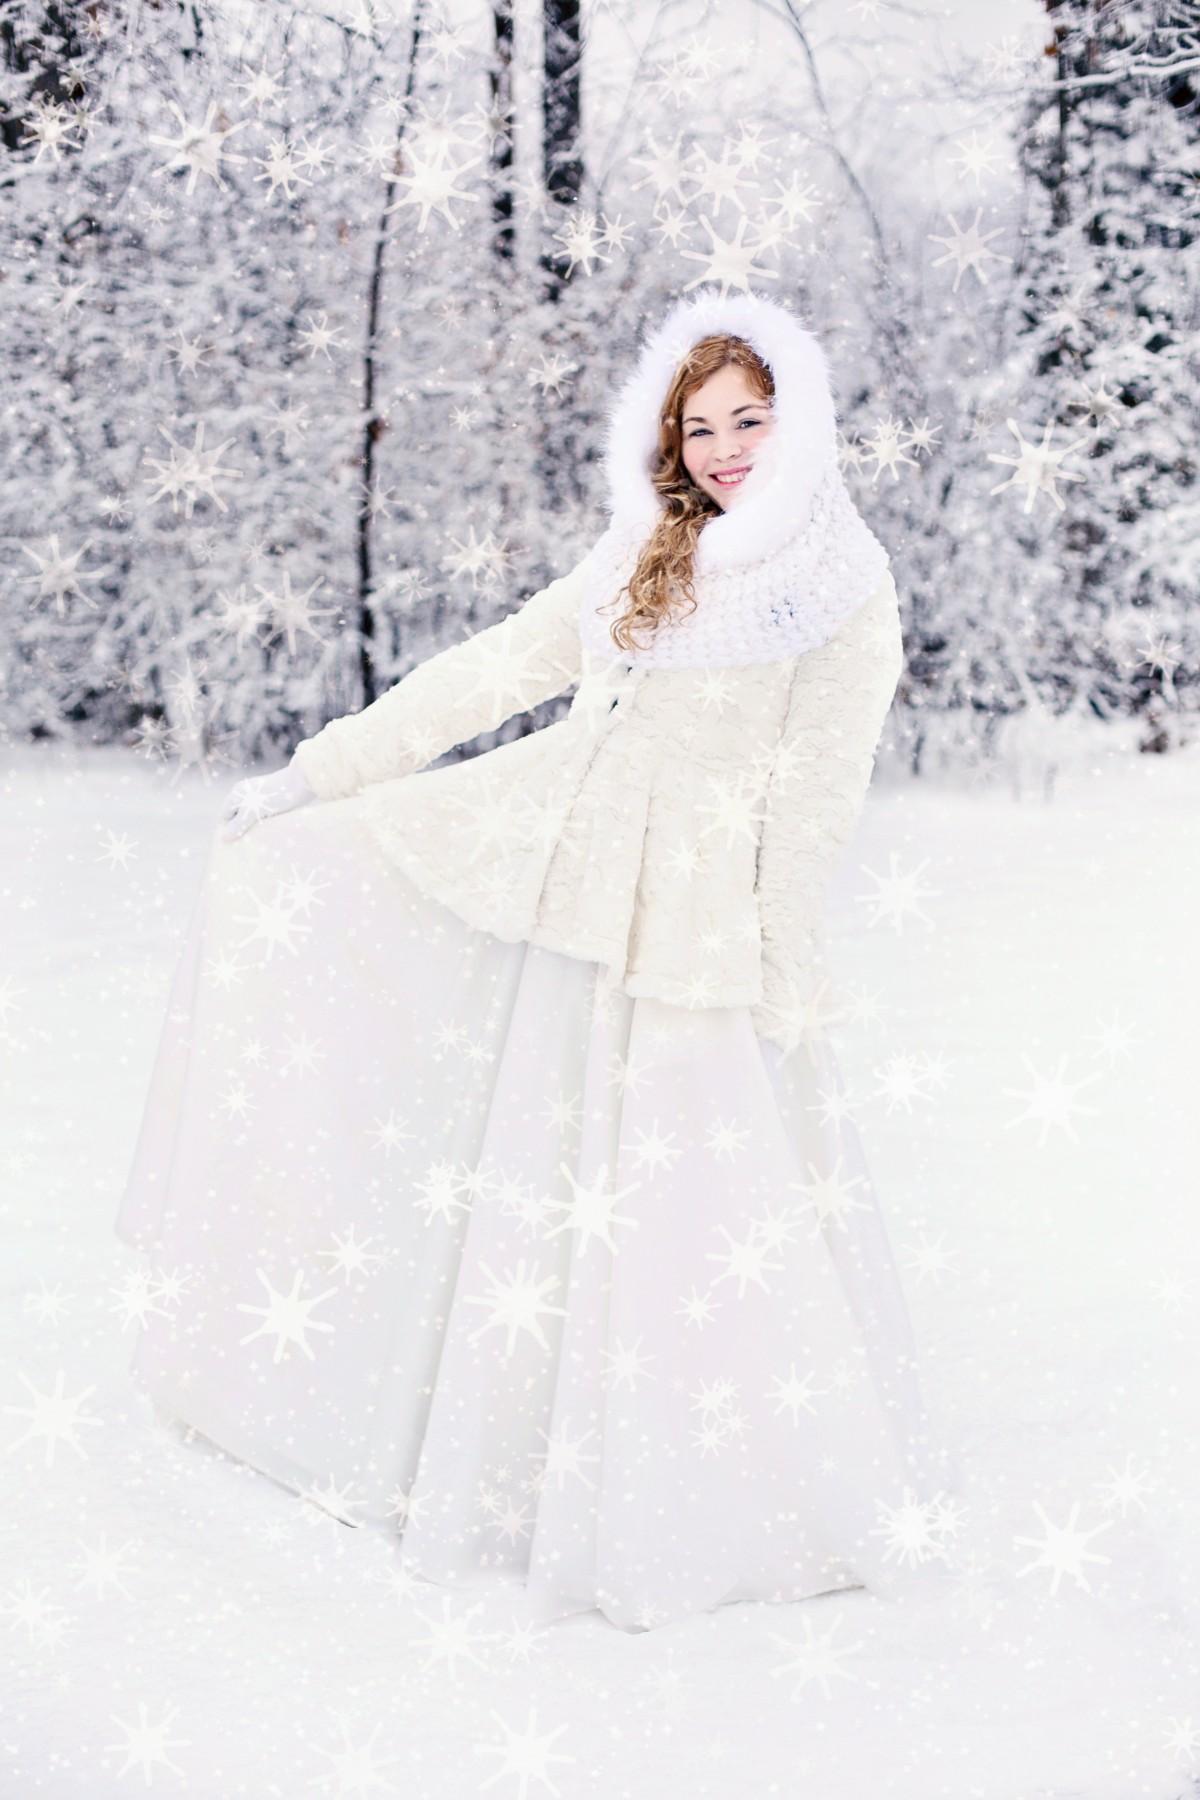 Images gratuites neige du froid hiver fille blanc - Photos de neige gratuites ...